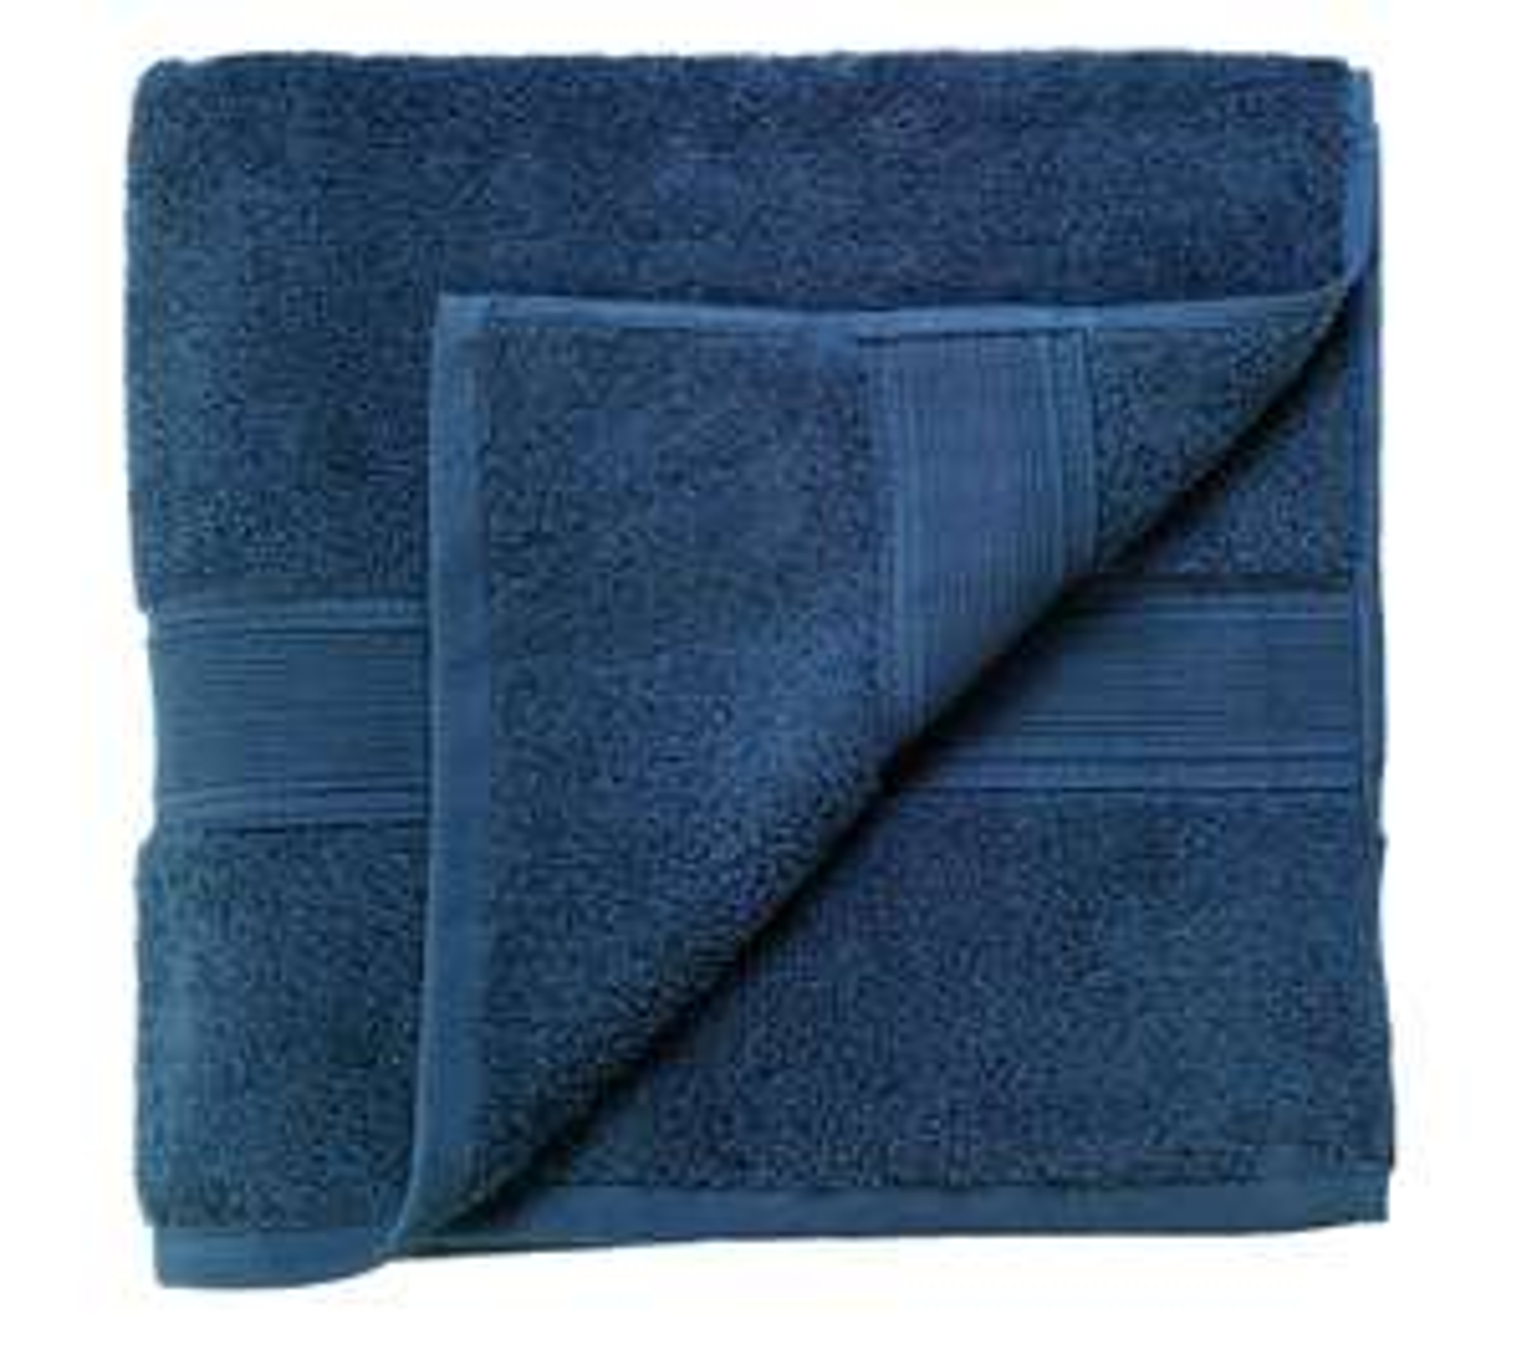 Argos Home Super Soft Bath Towel 500 gsm - £5.00 / Bath Sheets 500gsm - £7.00 @ Argos free click and collect